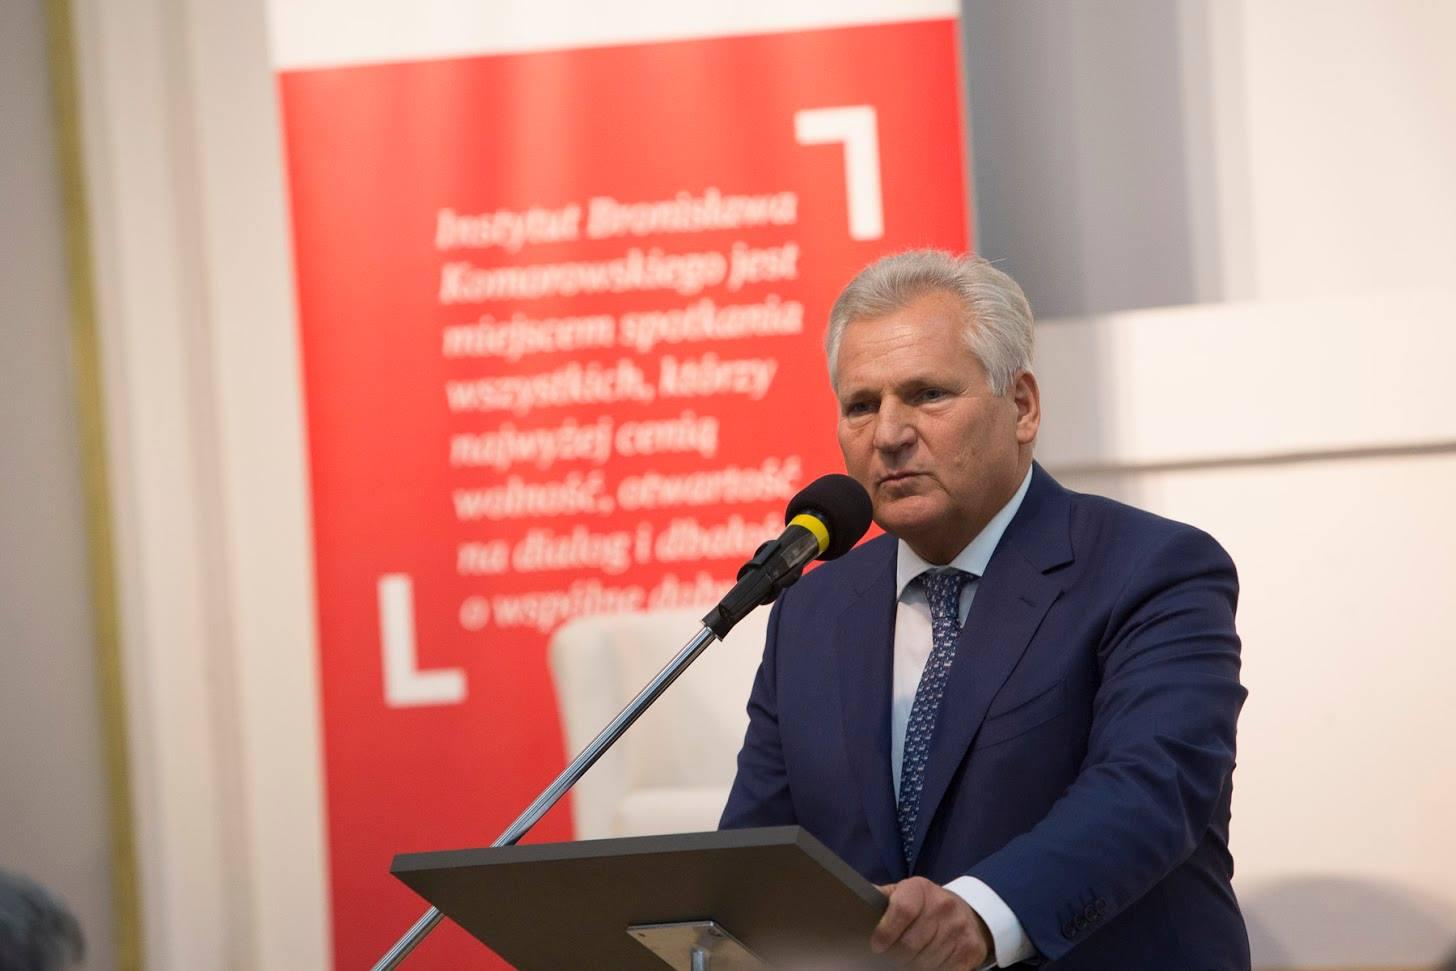 """Kwaśniewski: """"Polski Ład topropaganda, którama przybliżyć PiS dozwycięstwa wwyborach"""""""